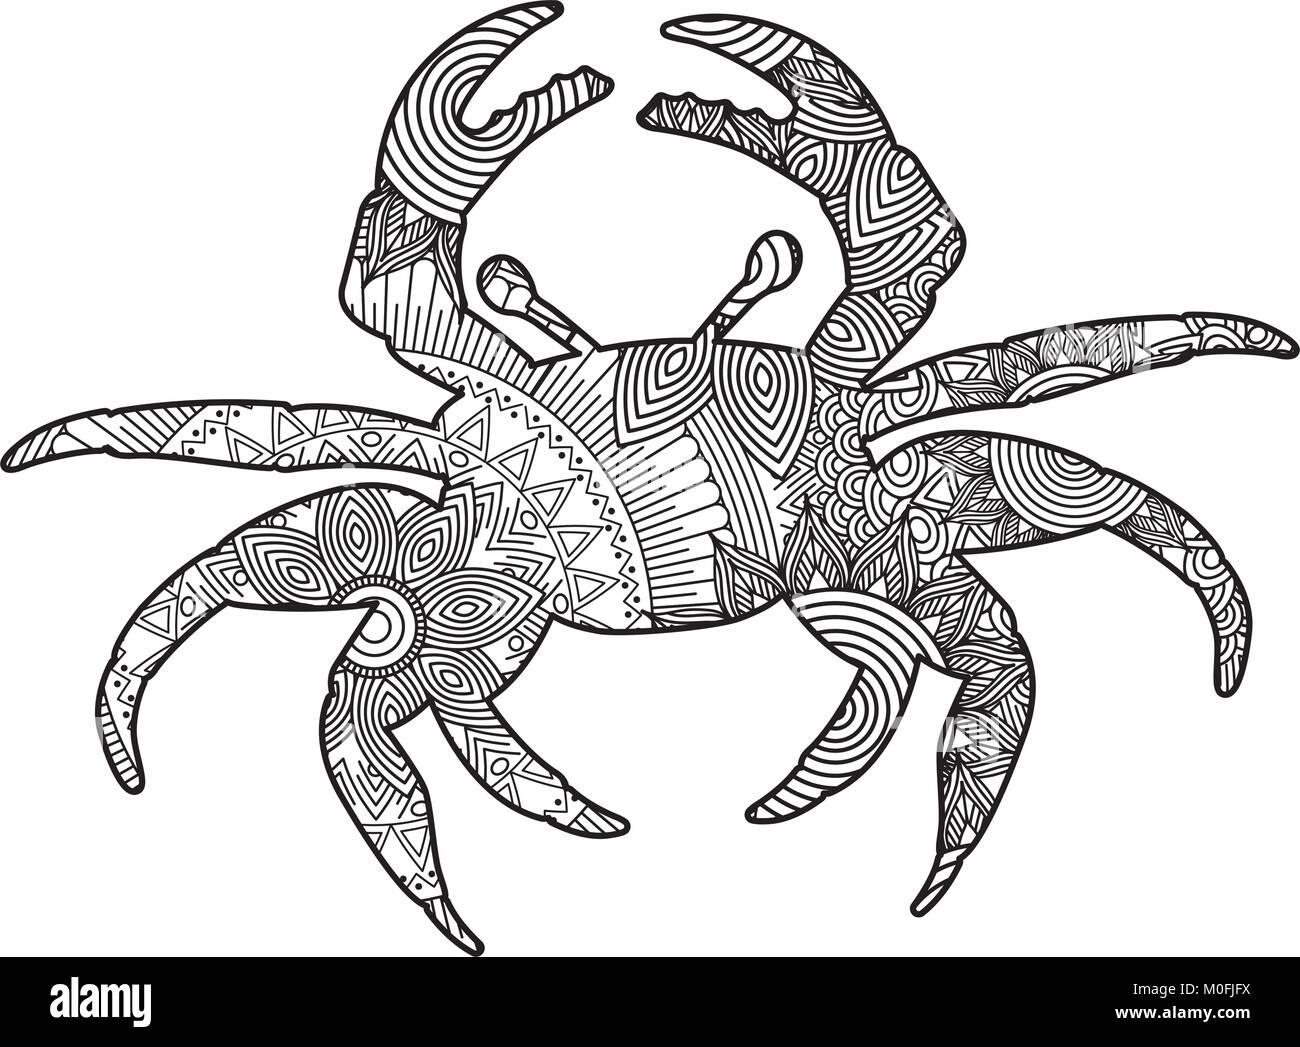 Ziemlich Krabbe Malvorlagen Zeitgenössisch - Druckbare Malvorlagen ...